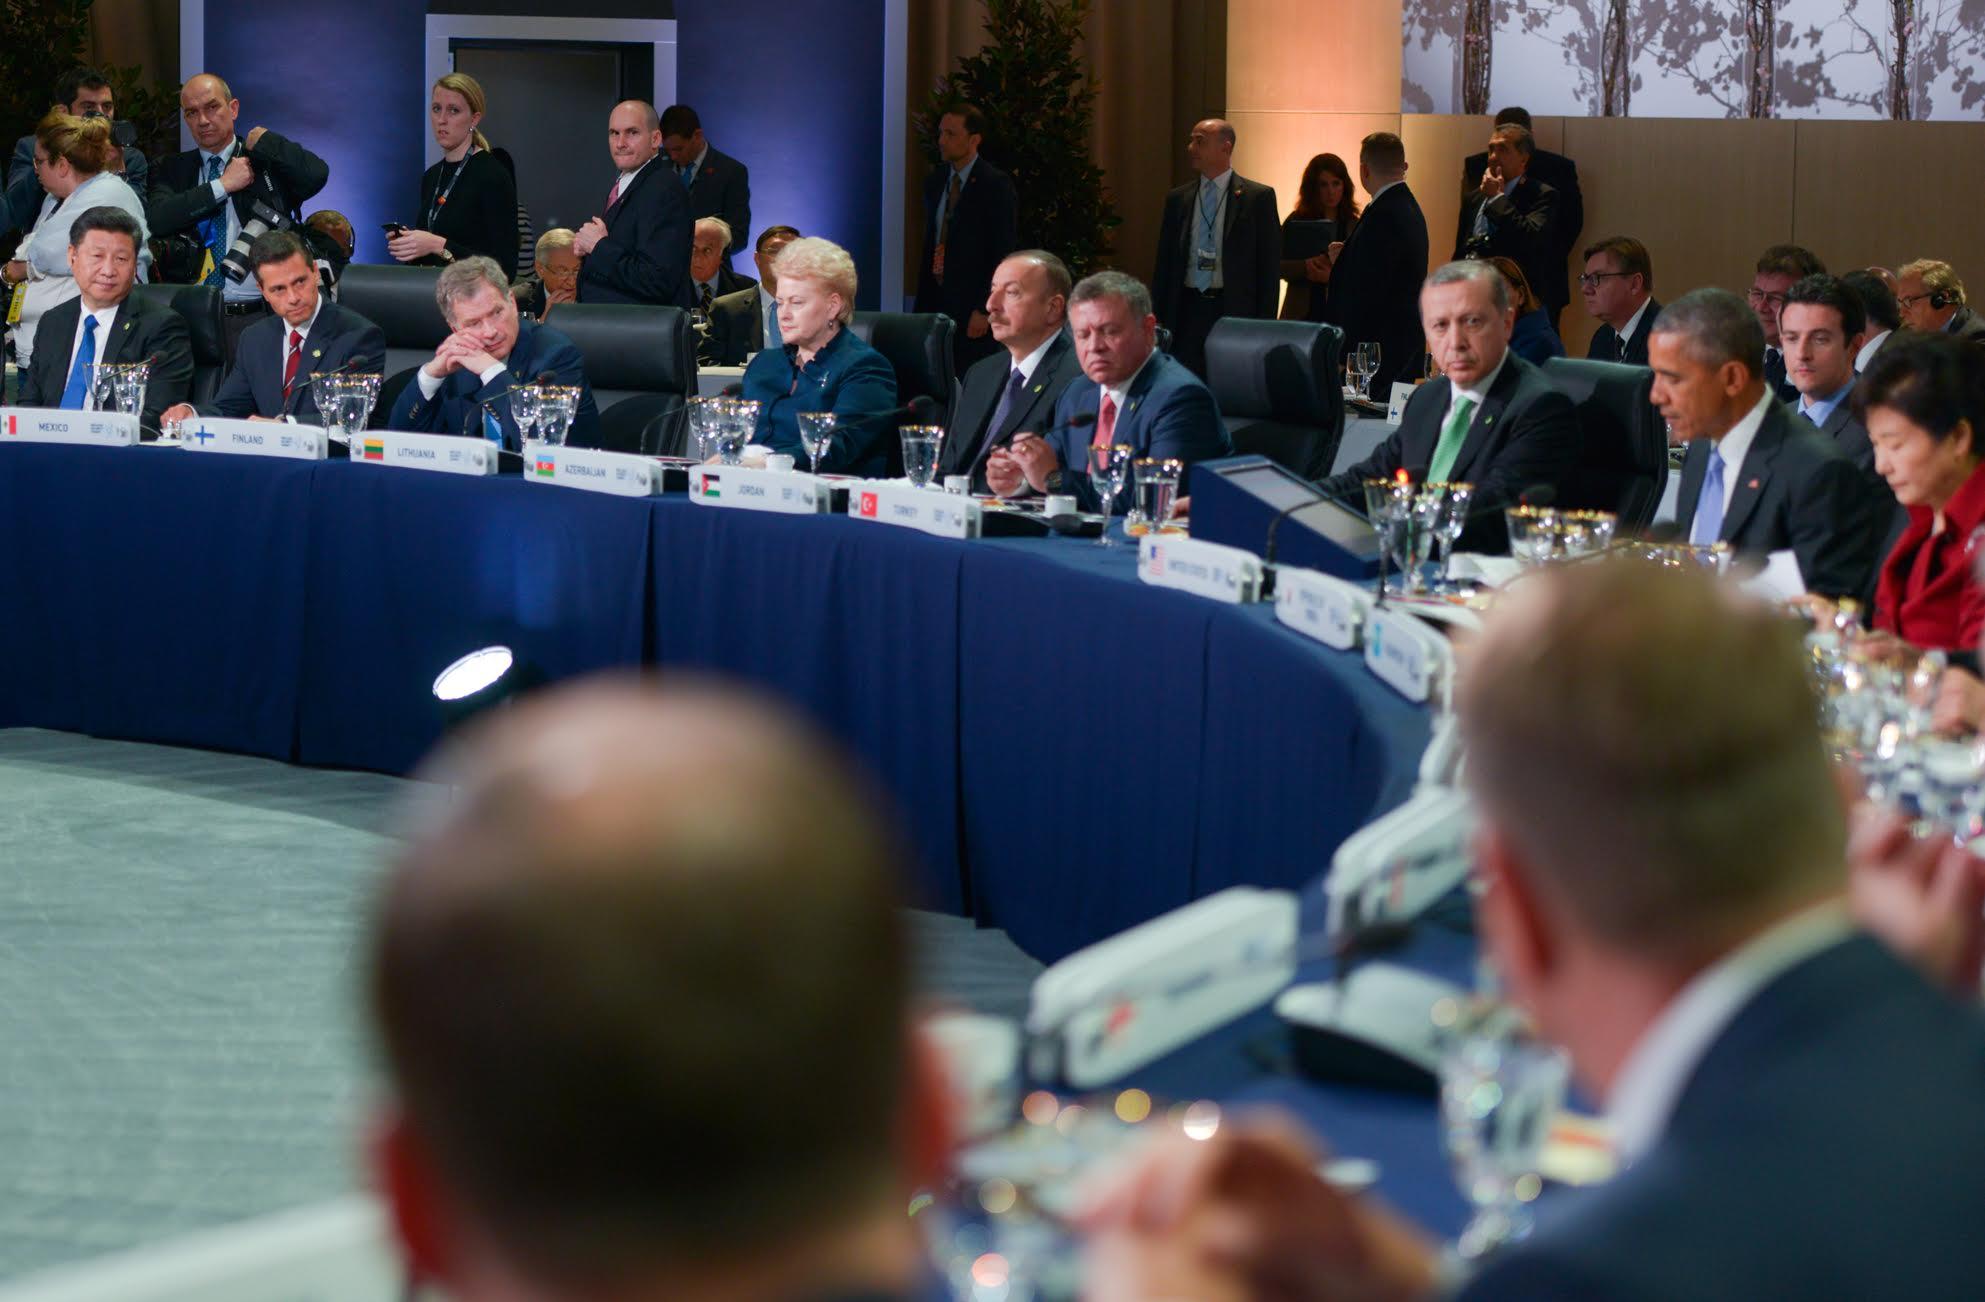 El Presidente Enrique Peña Nieto participó en la Sesión Plenaria de la Cuarta Cumbre de Seguridad Nuclear.